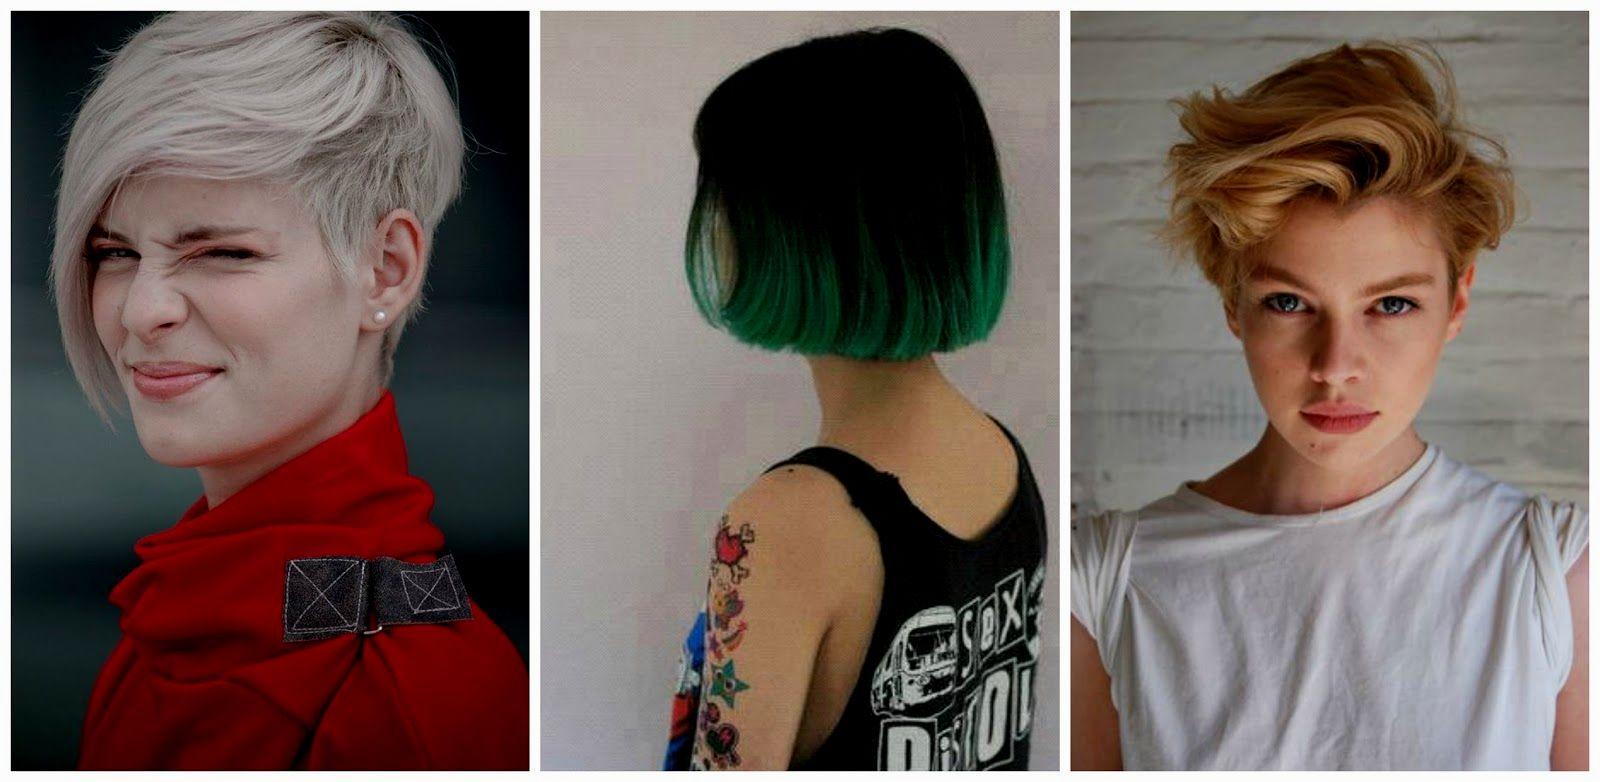 melhor cortes para cabelo feminino inspiração-Fresh Cortes Para Cabelo Feminino Modelo